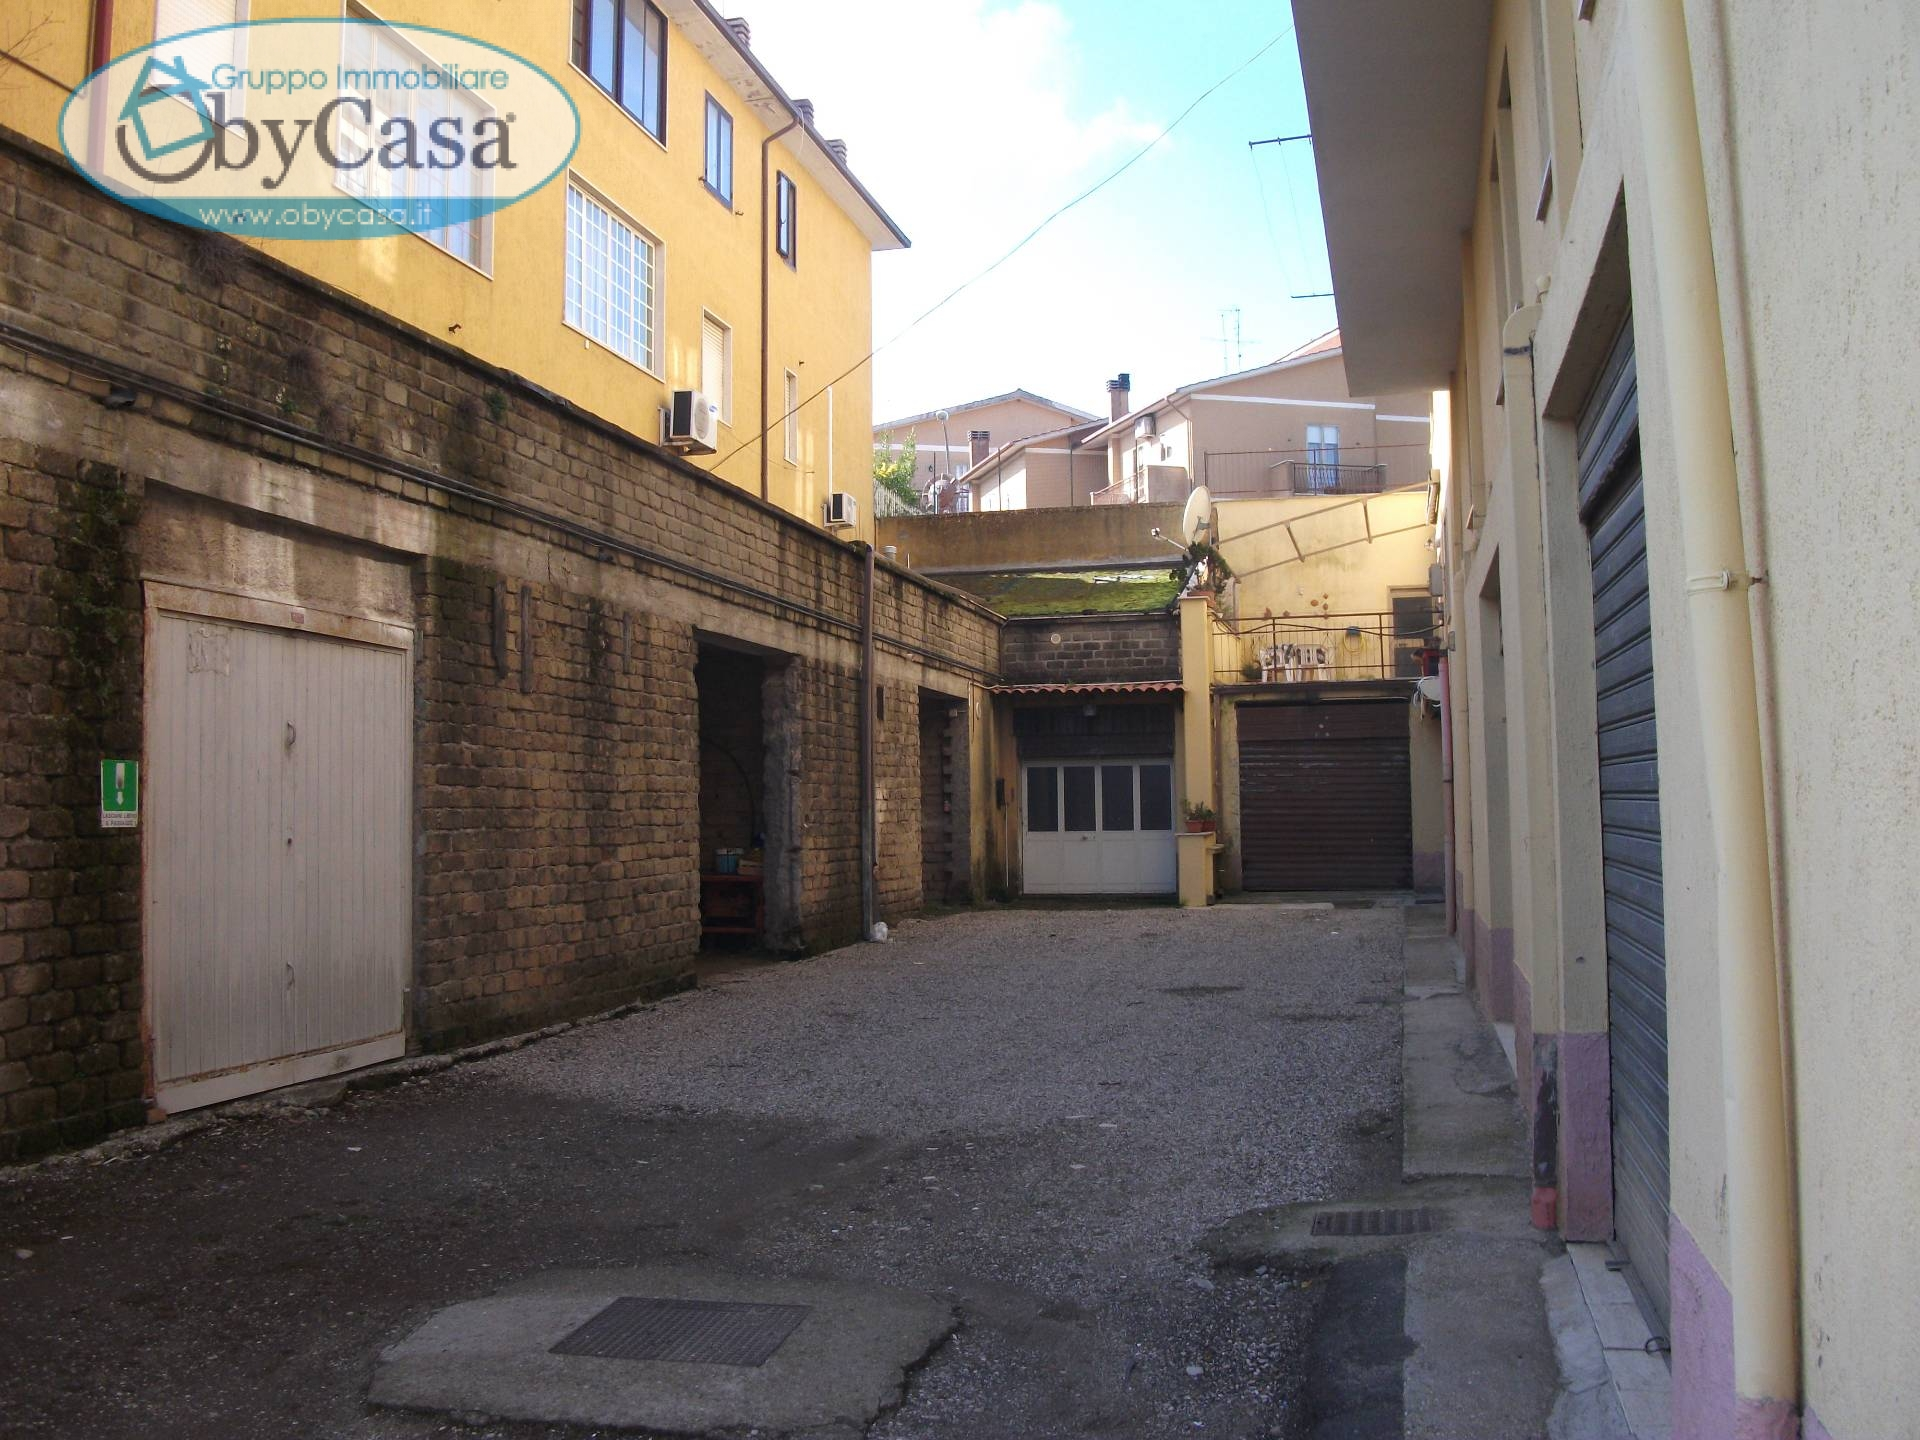 Appartamento in vendita a Vejano, 2 locali, prezzo € 26.000 | Cambio Casa.it